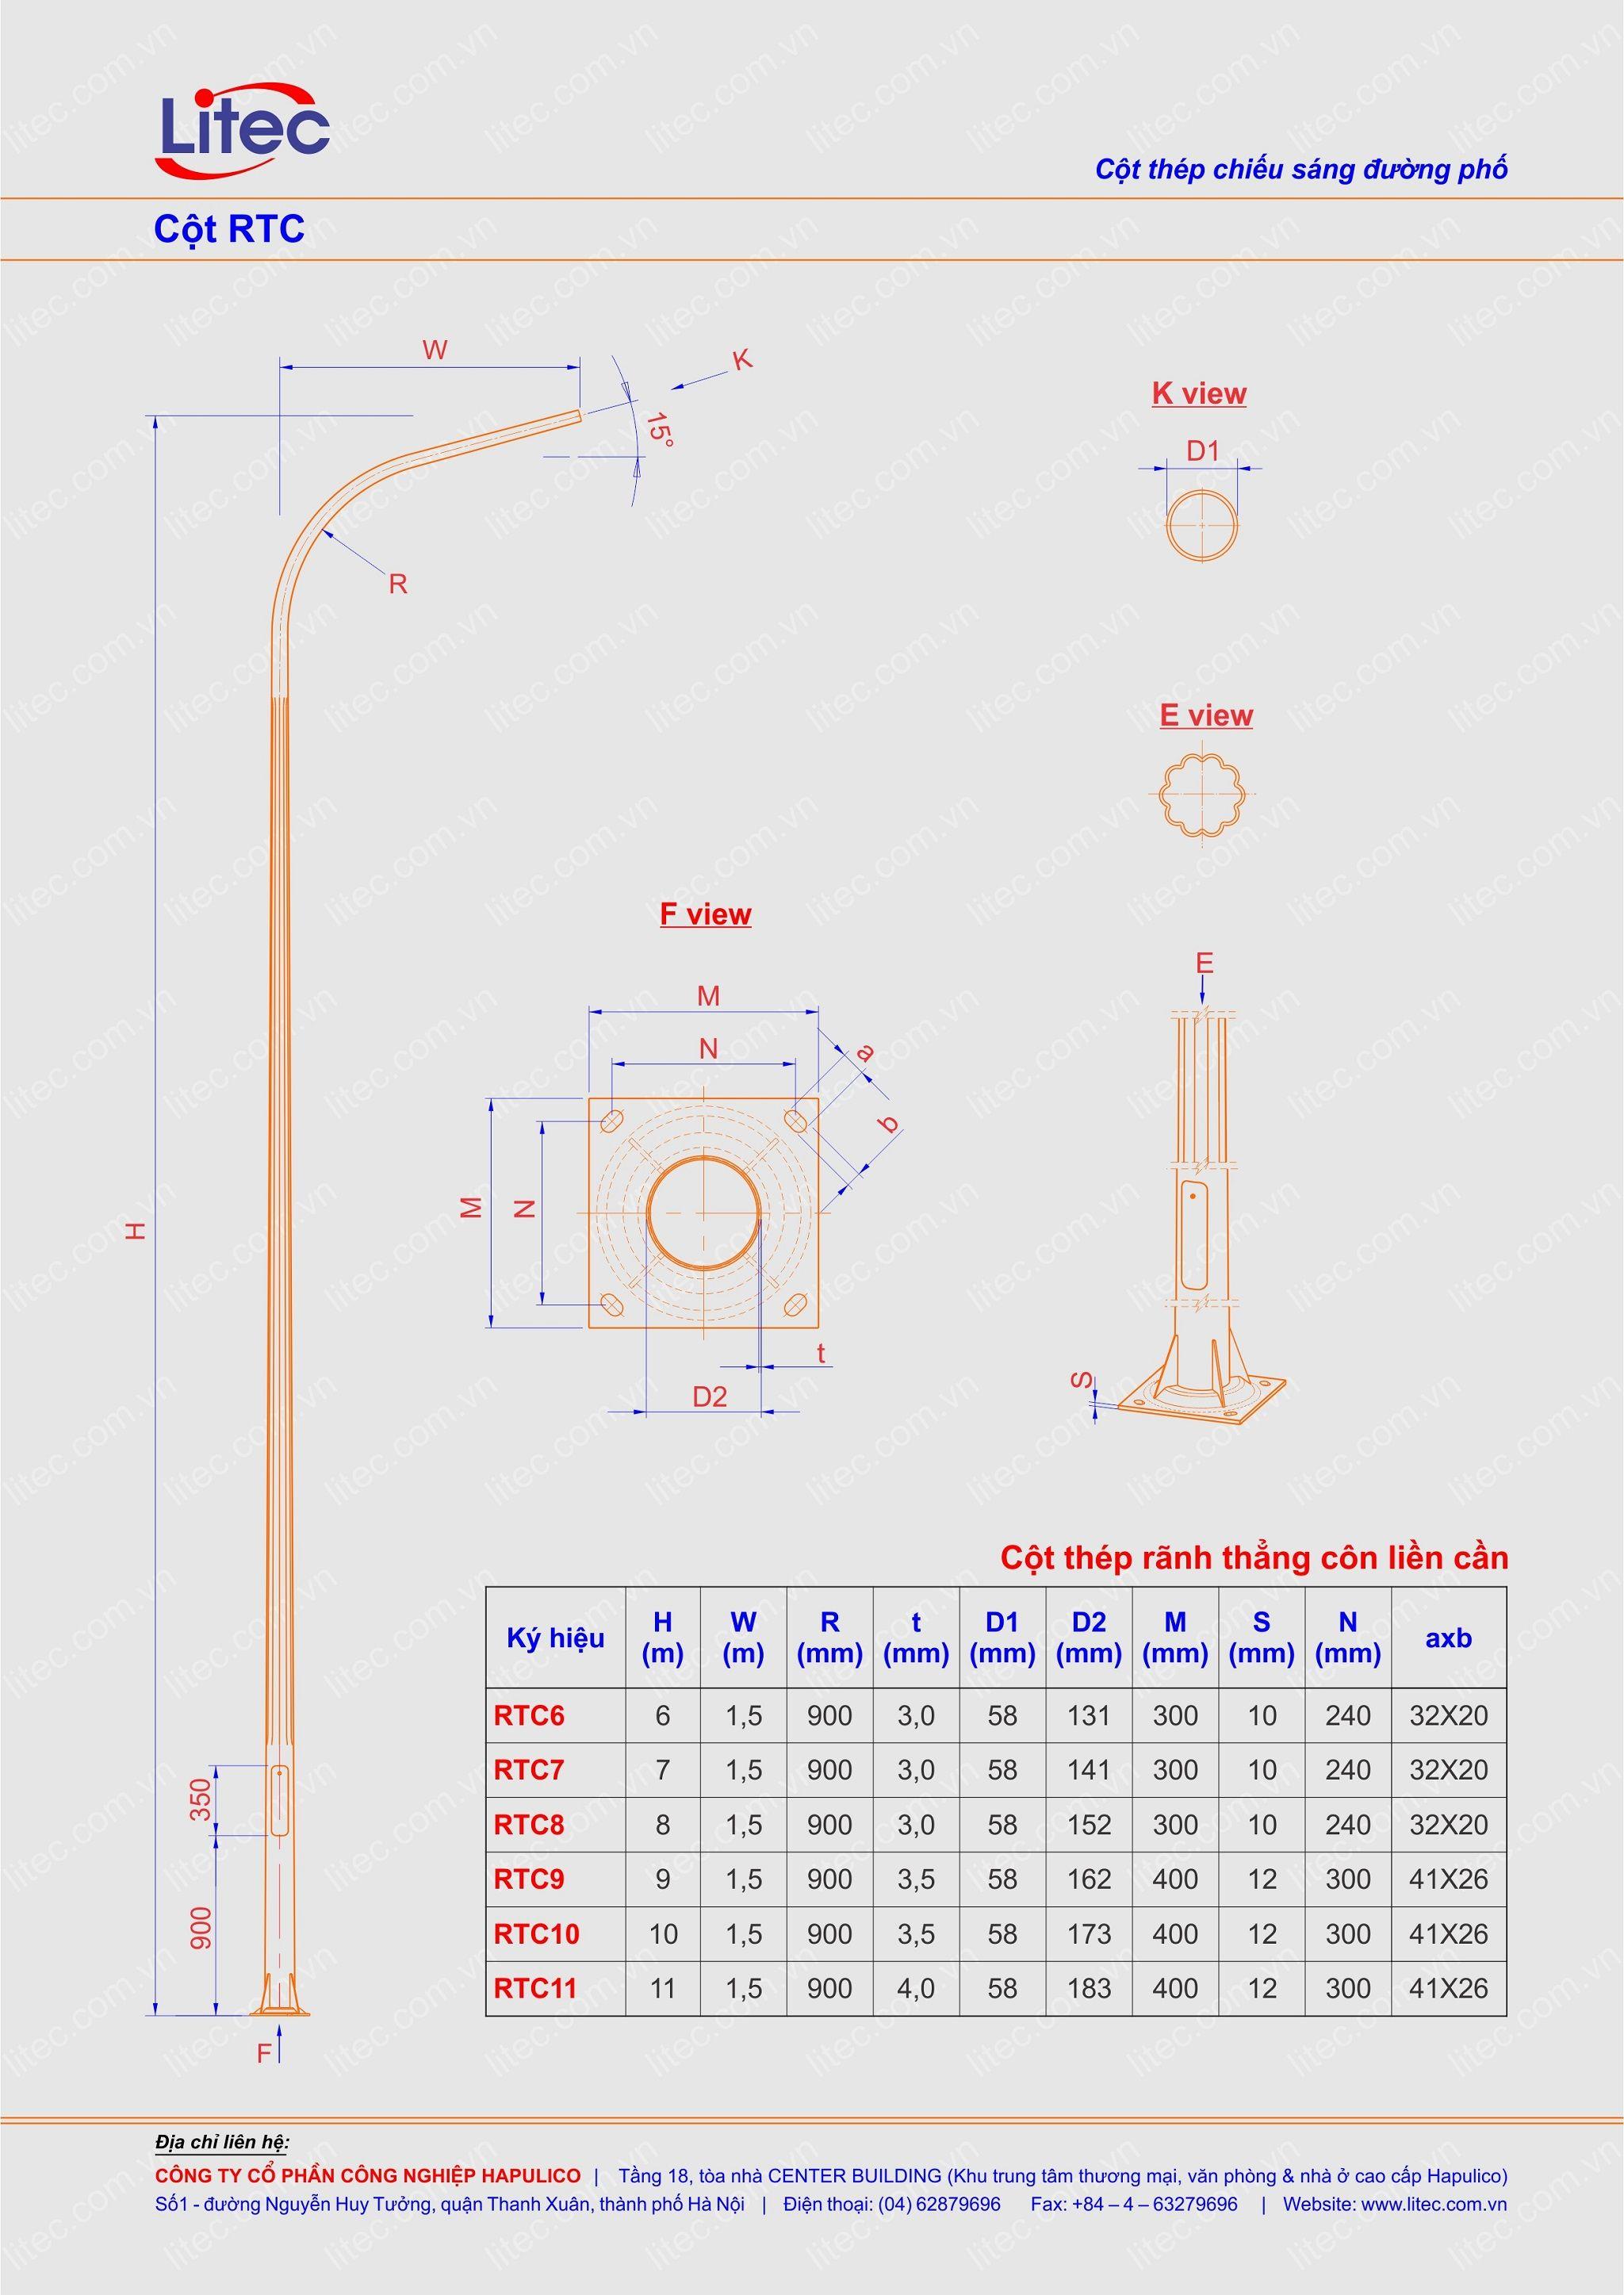 Cột đèn liền cần thân kẻ côn thẳng 6M 7M 8M 9M 10M 11M